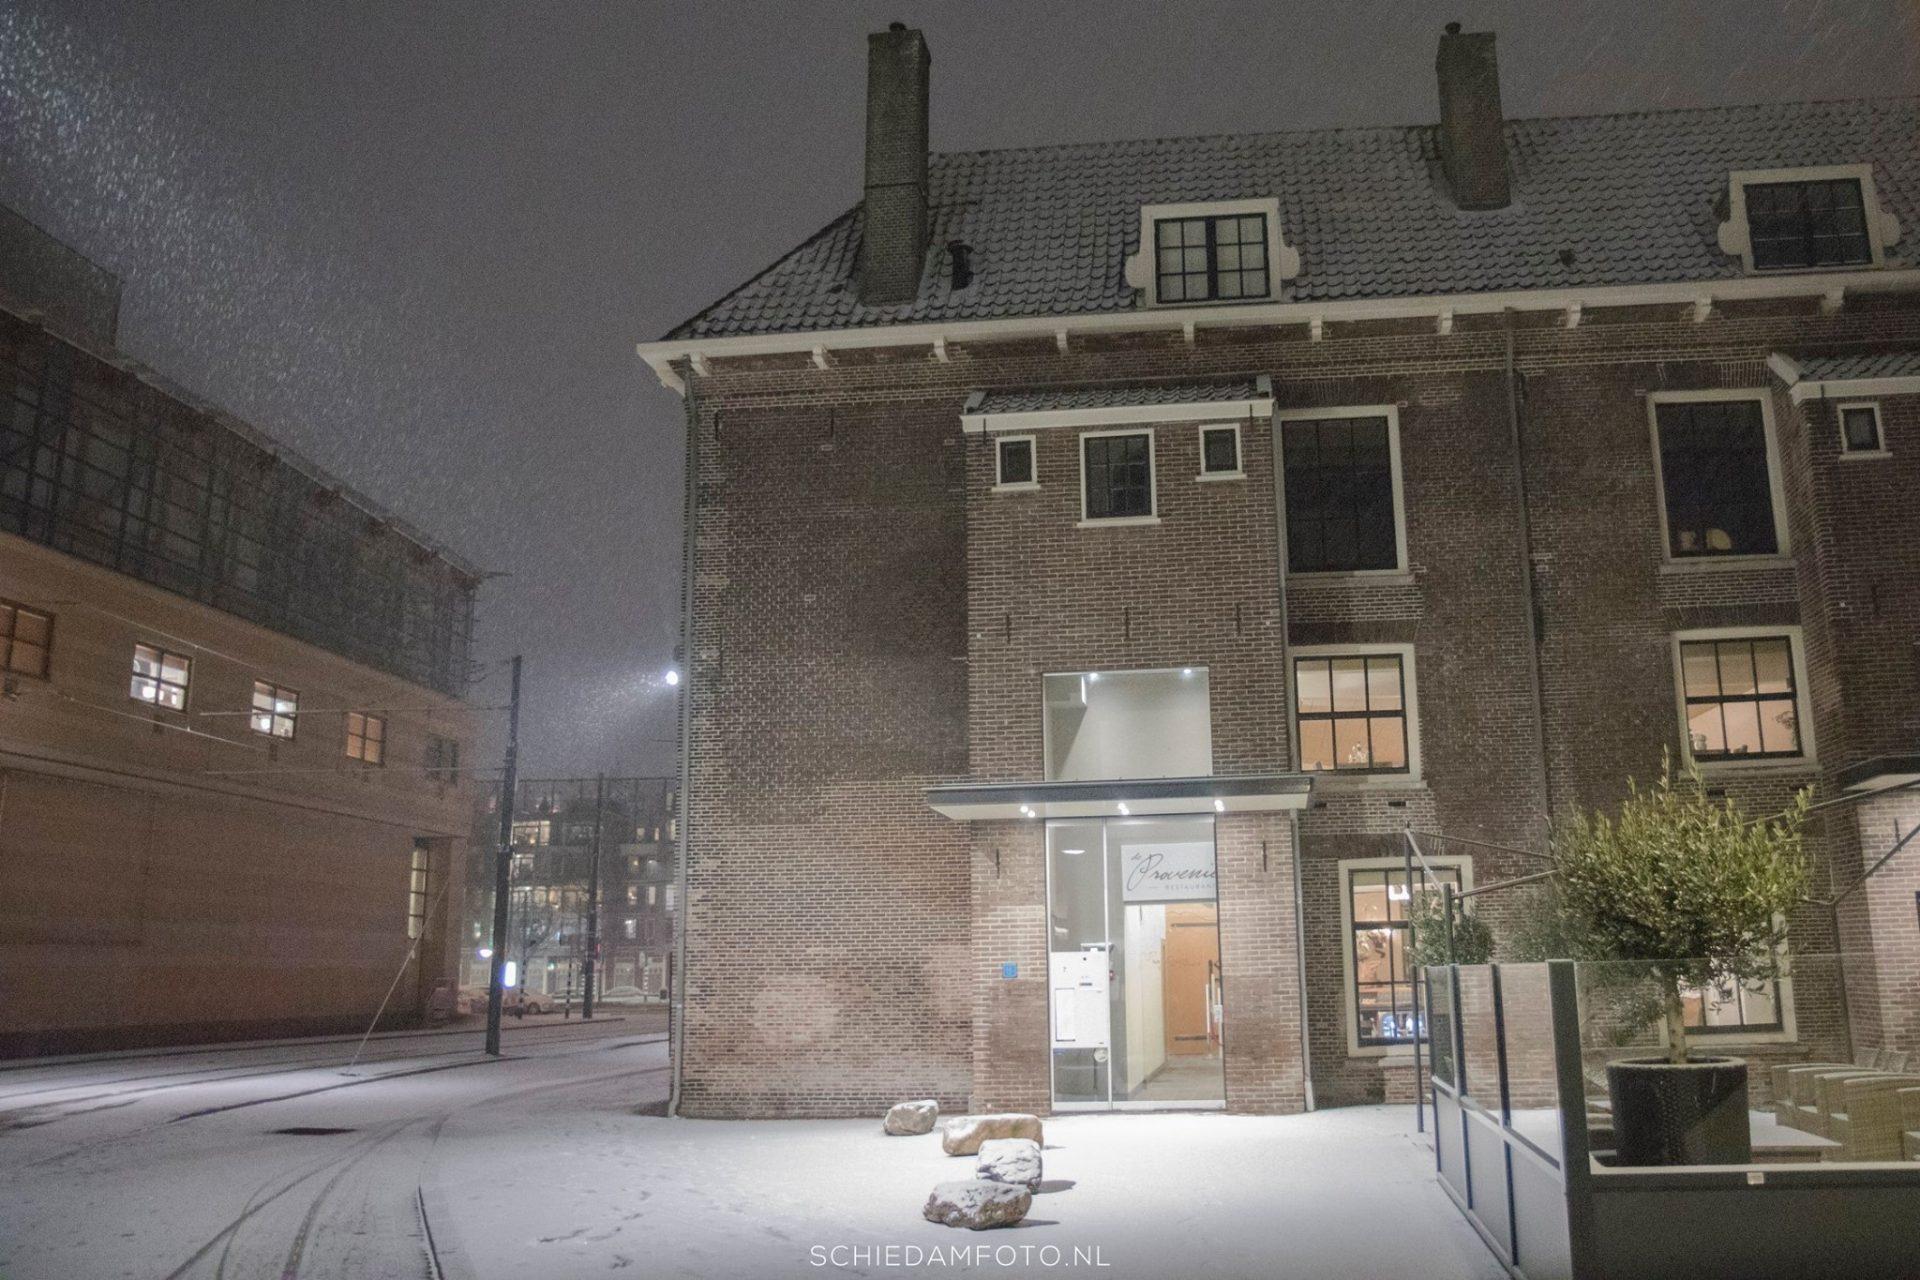 Restaurant de Provenier Schiedam